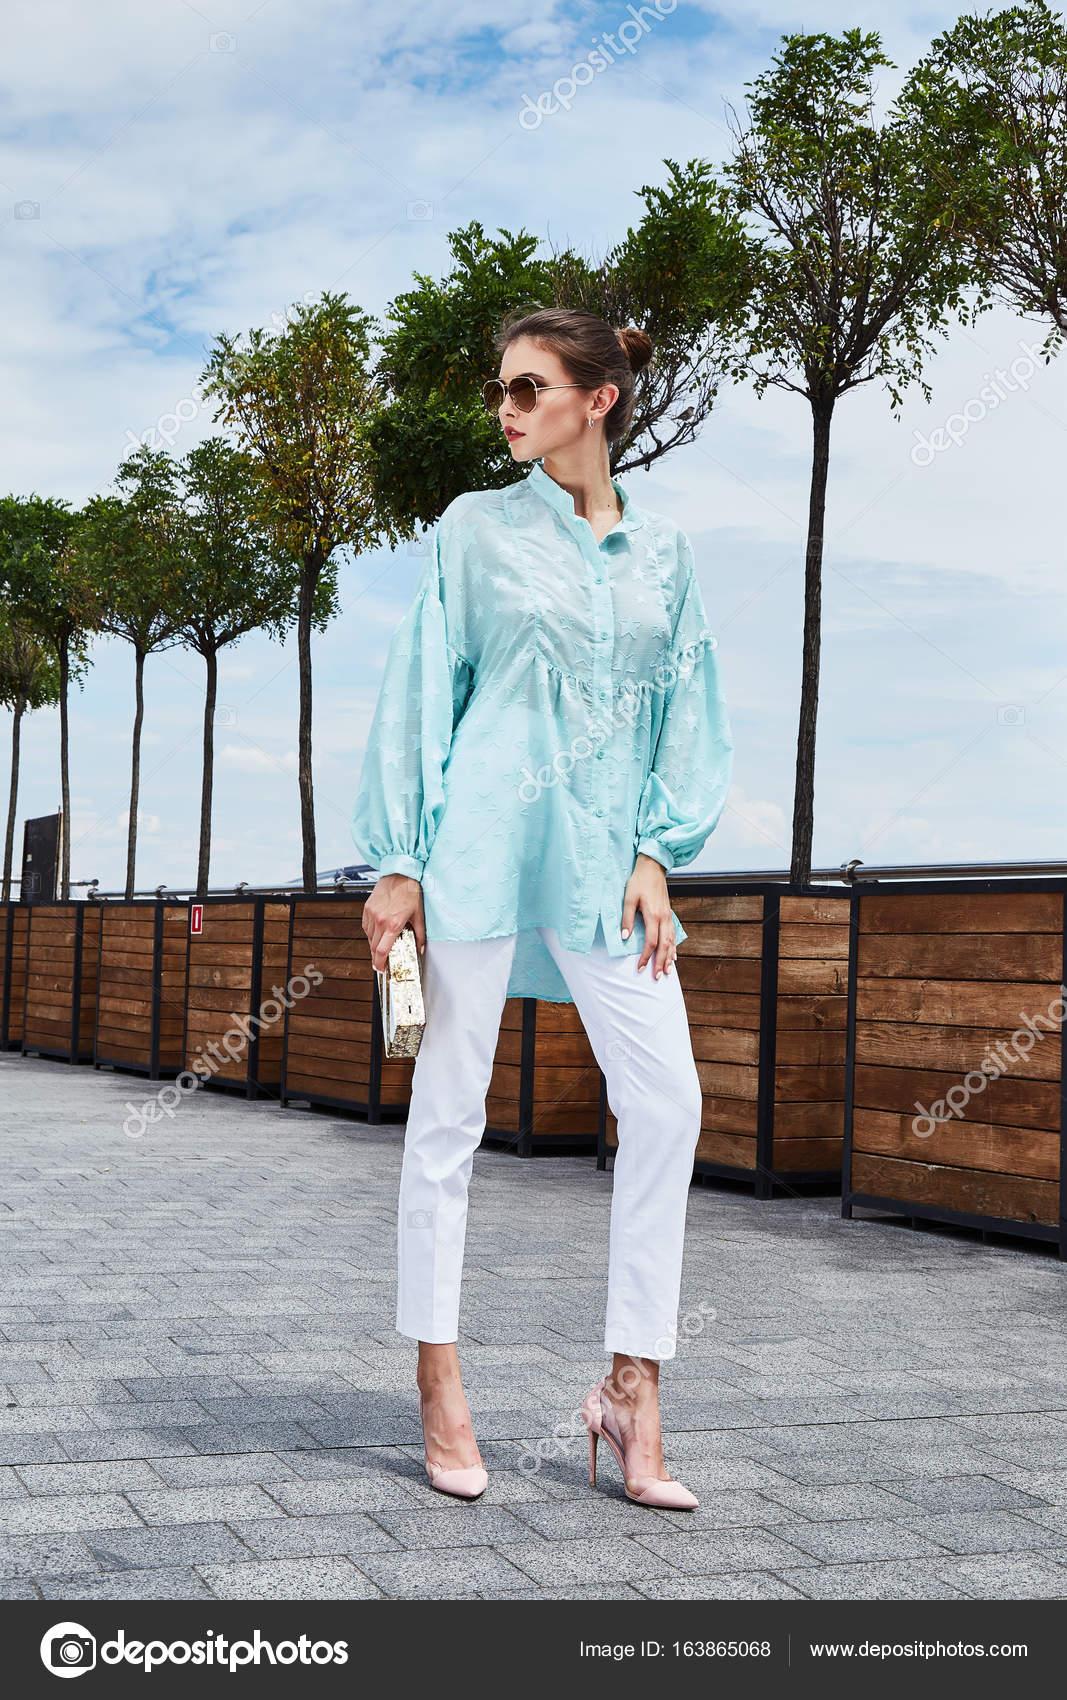 71ffdef511770e6 ... настроение износ синяя блуза белая джинсы случайные коллекция лето  одежда улицы вид ходьбы Дата романтический город идеальным красивое лицо  аксессуаров ...